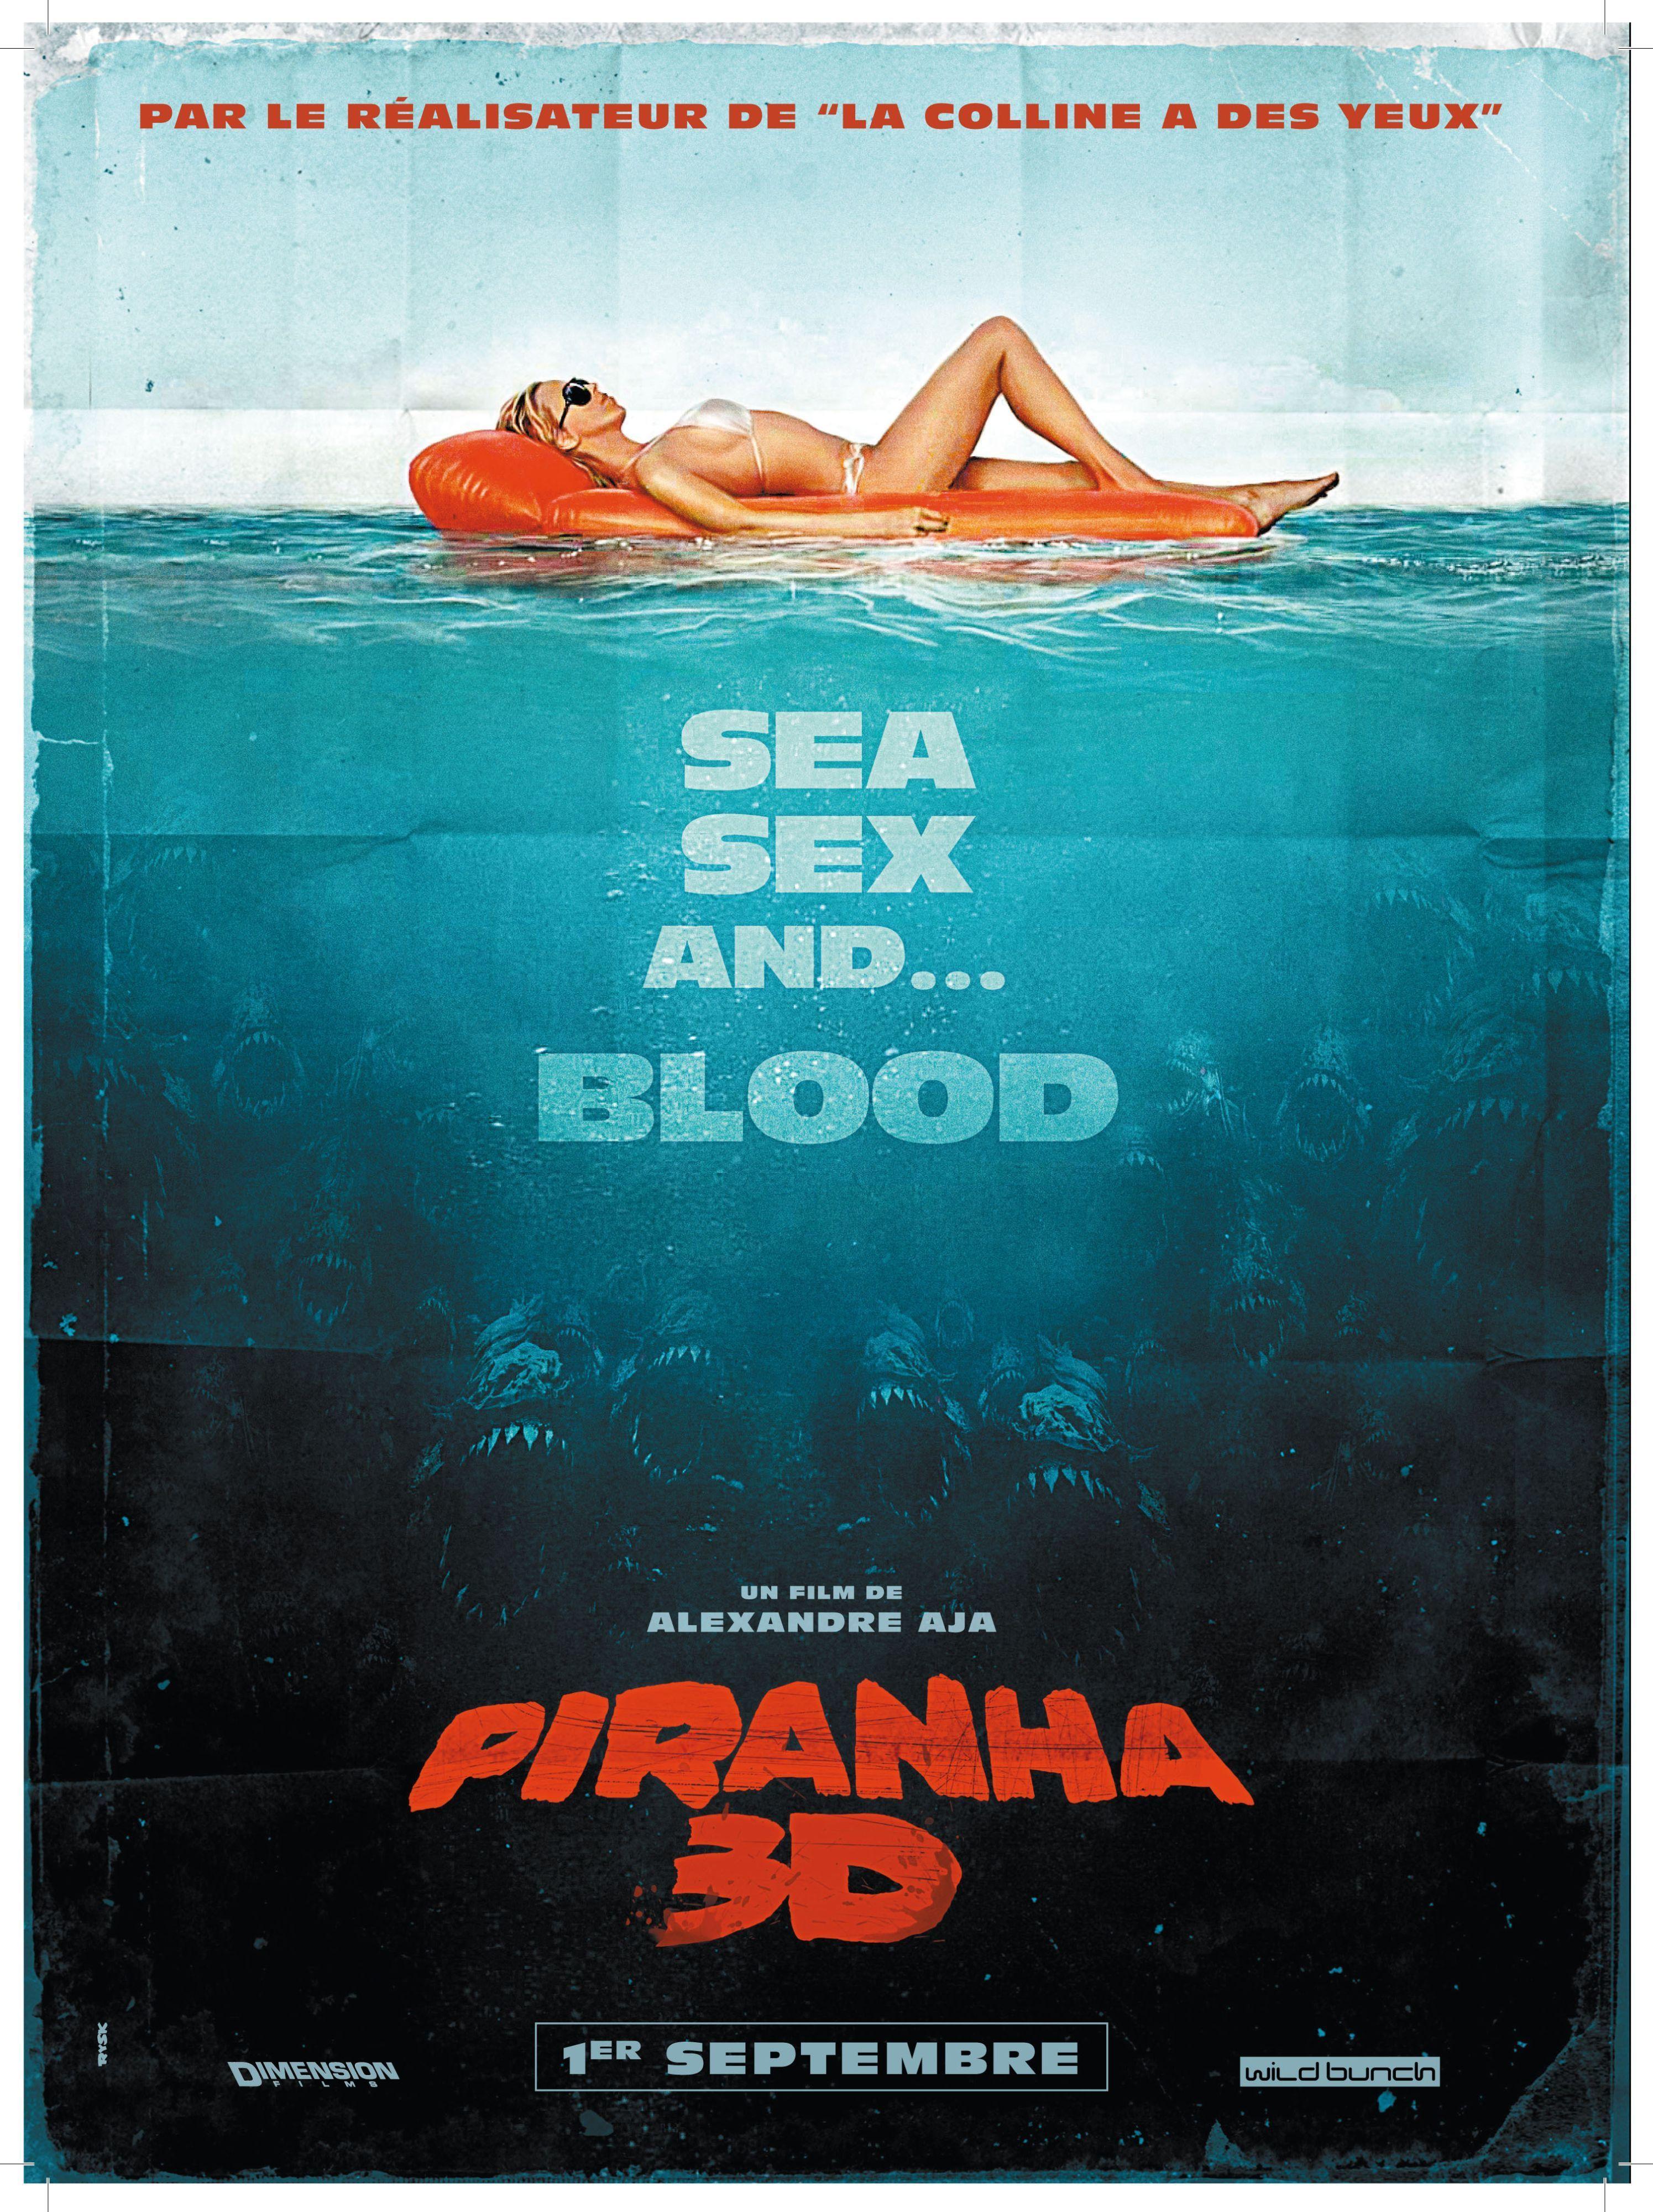 Piranha 3D - Film (2010)